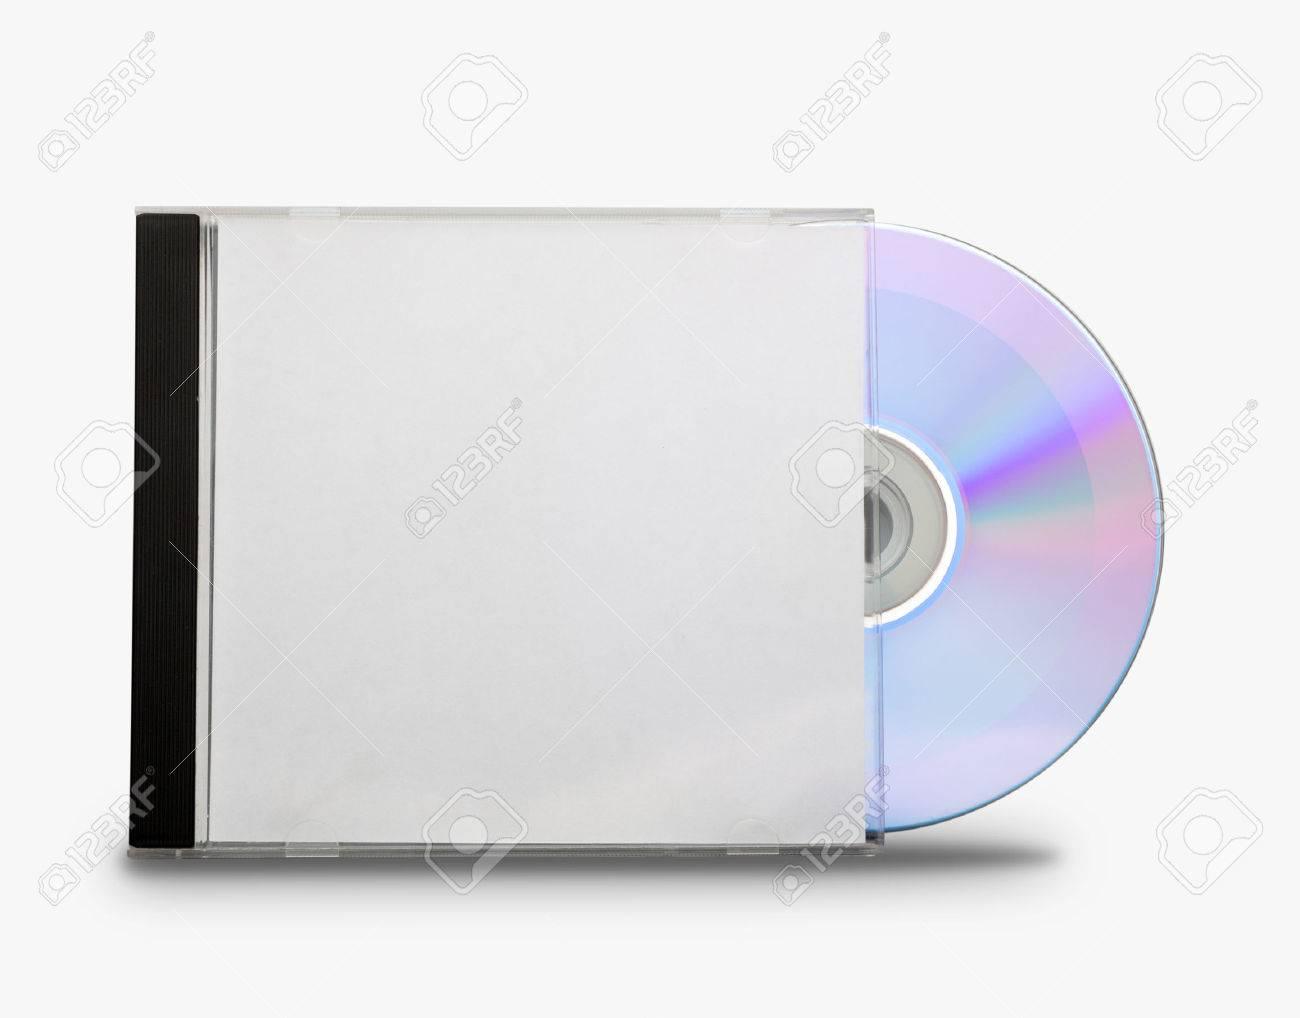 cd dans la boite ouverte sur blanc